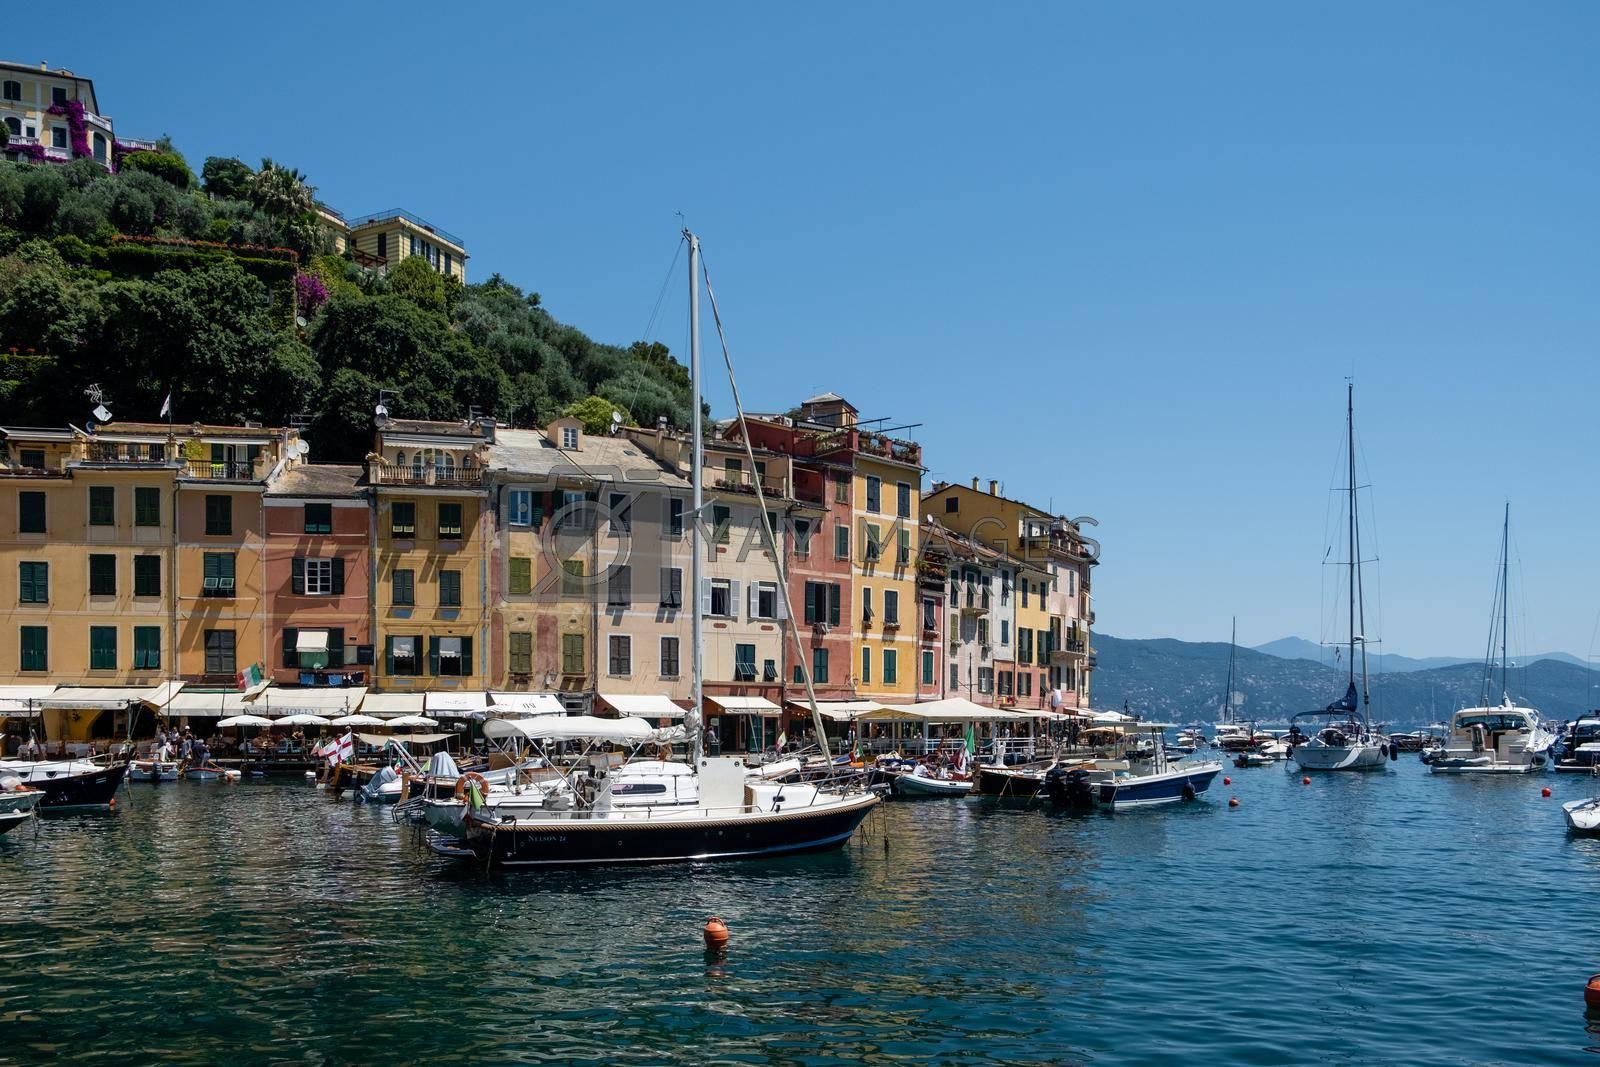 Portofino Italy June 2020, Portofino famous village bay, Italy Europe colorful village Ligurian coast